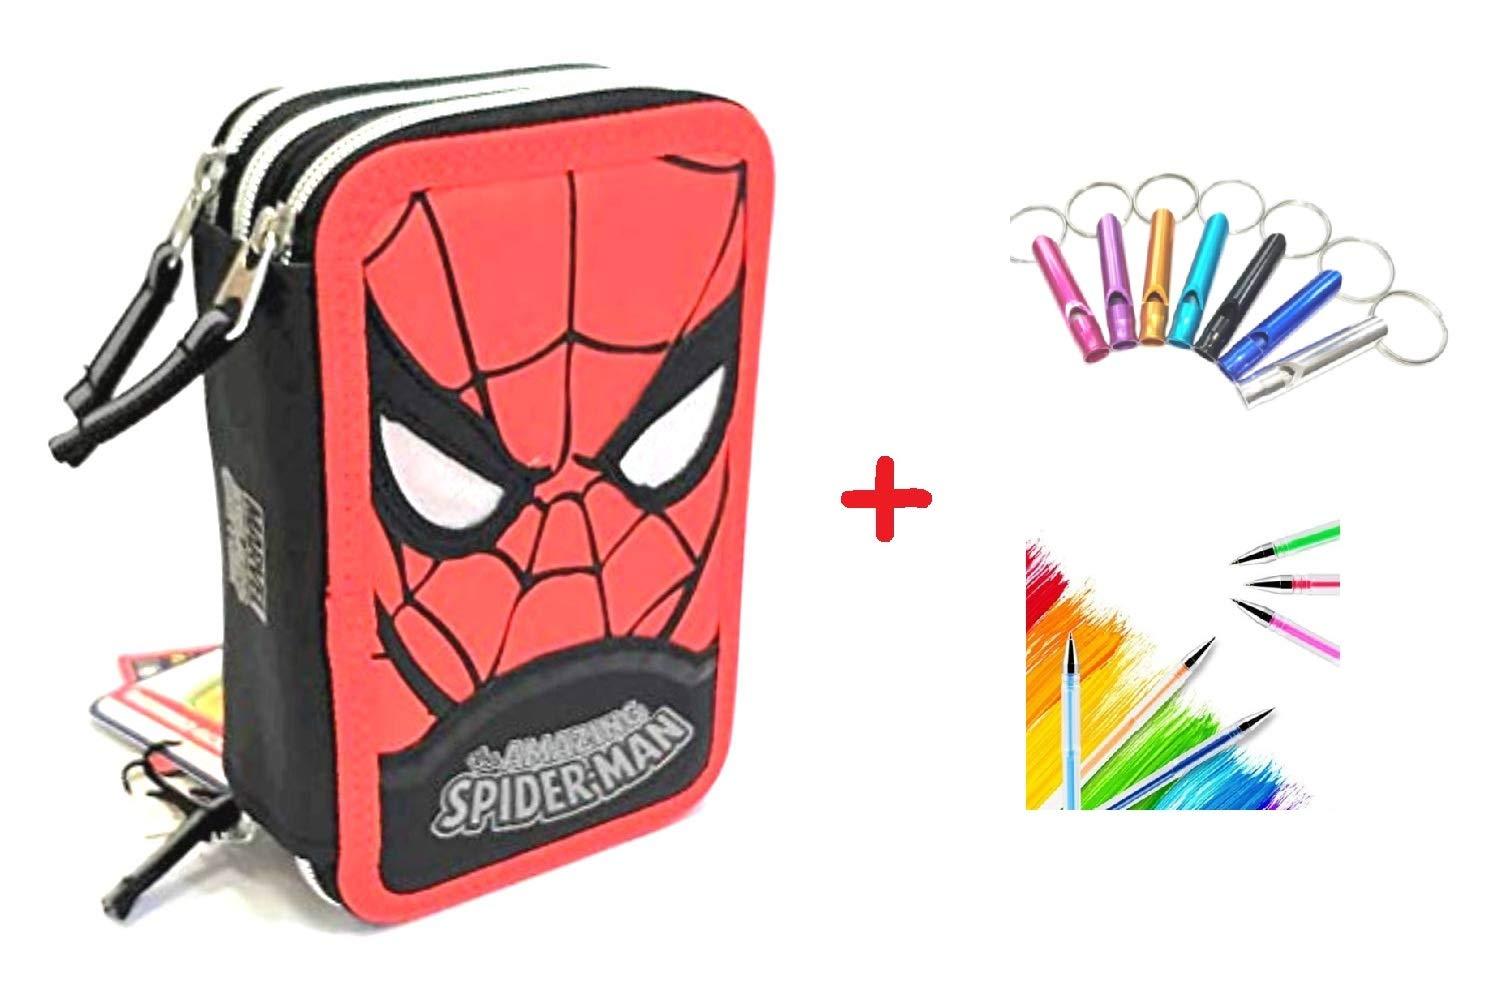 Marvel. Estuche Hombre Araña Spiderman 3 Pisos Cremallera Completo + Llavero Silbato + bolígrafo Purpurina + marcapáginas: Amazon.es: Deportes y aire libre